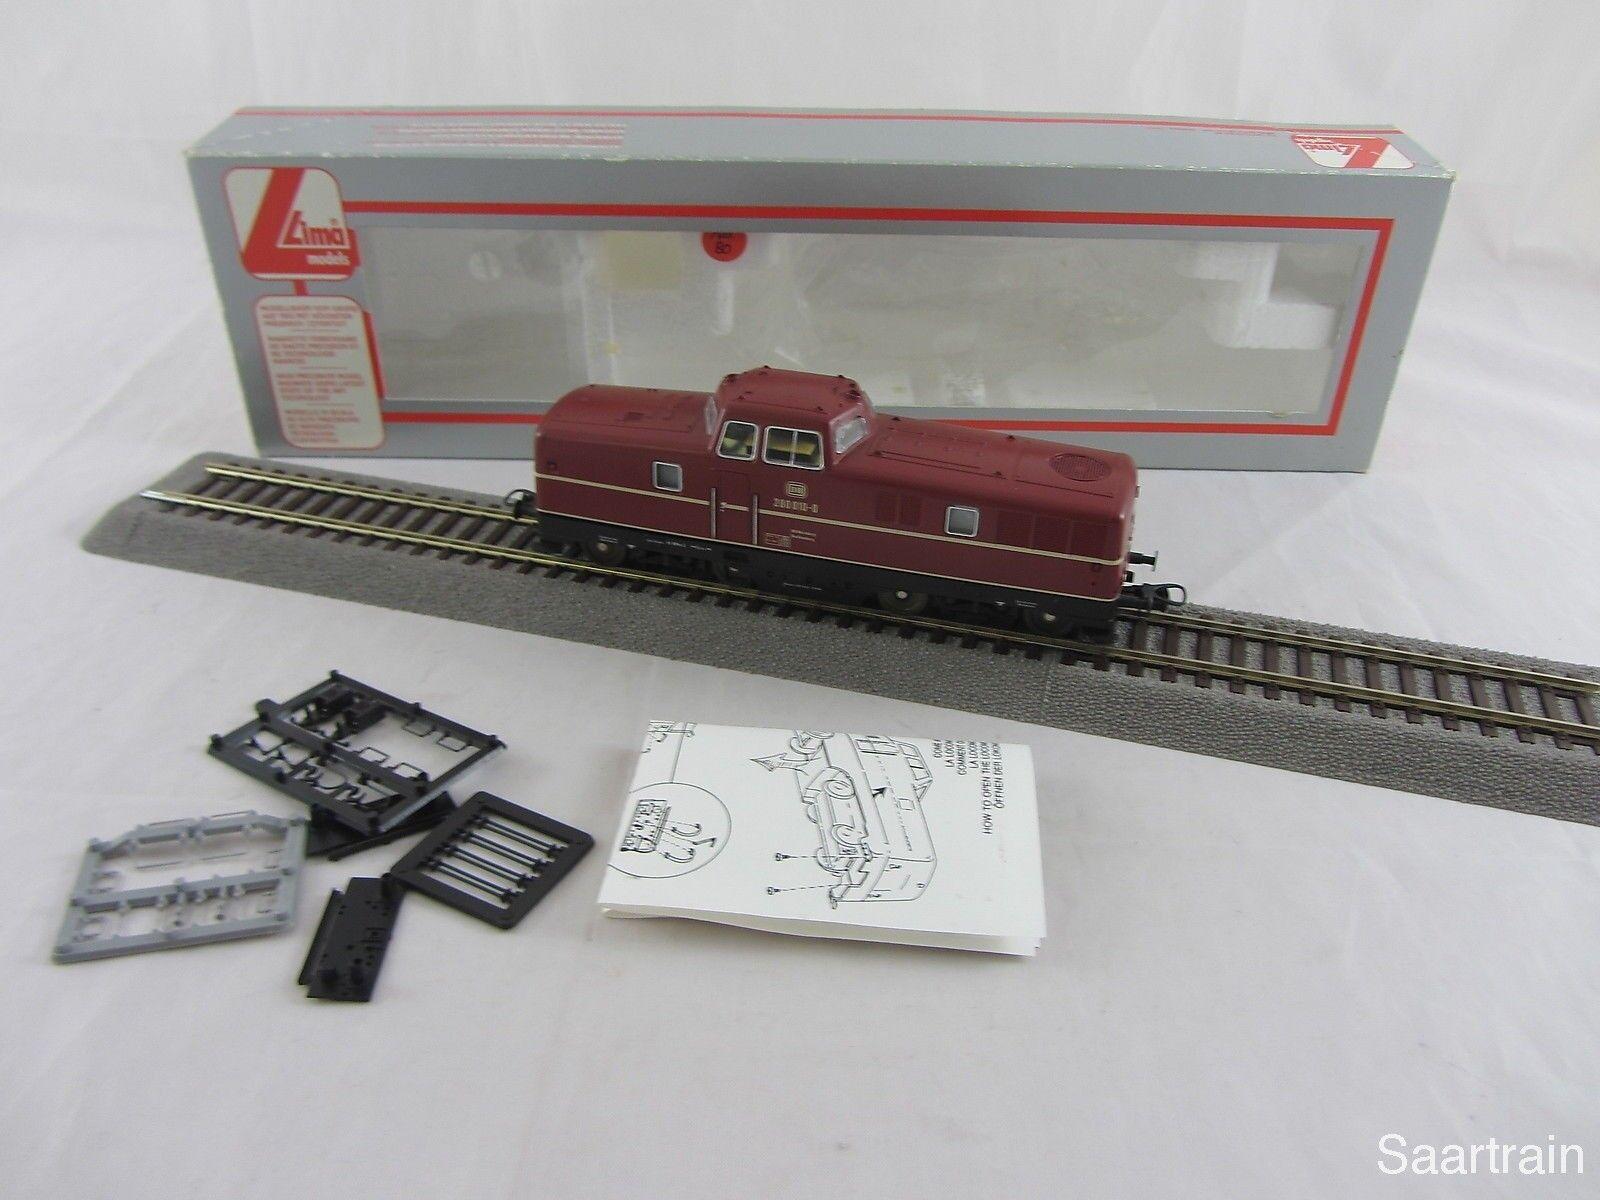 Lima 201620l diesellok 280 010 0 de la DB en rojo digital buen estado con embalaje original